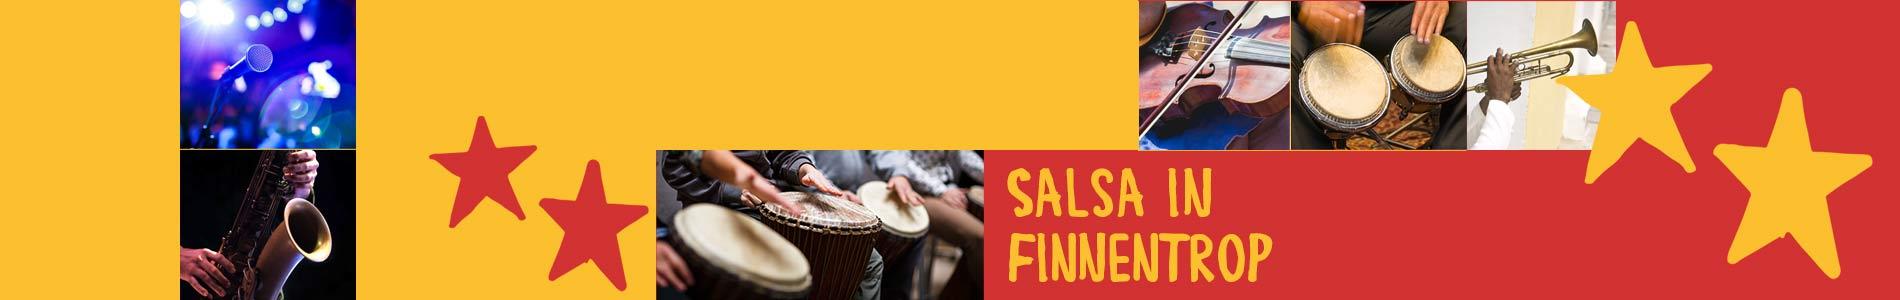 Salsa in Finnentrop – Salsa lernen und tanzen, Tanzkurse, Partys, Veranstaltungen